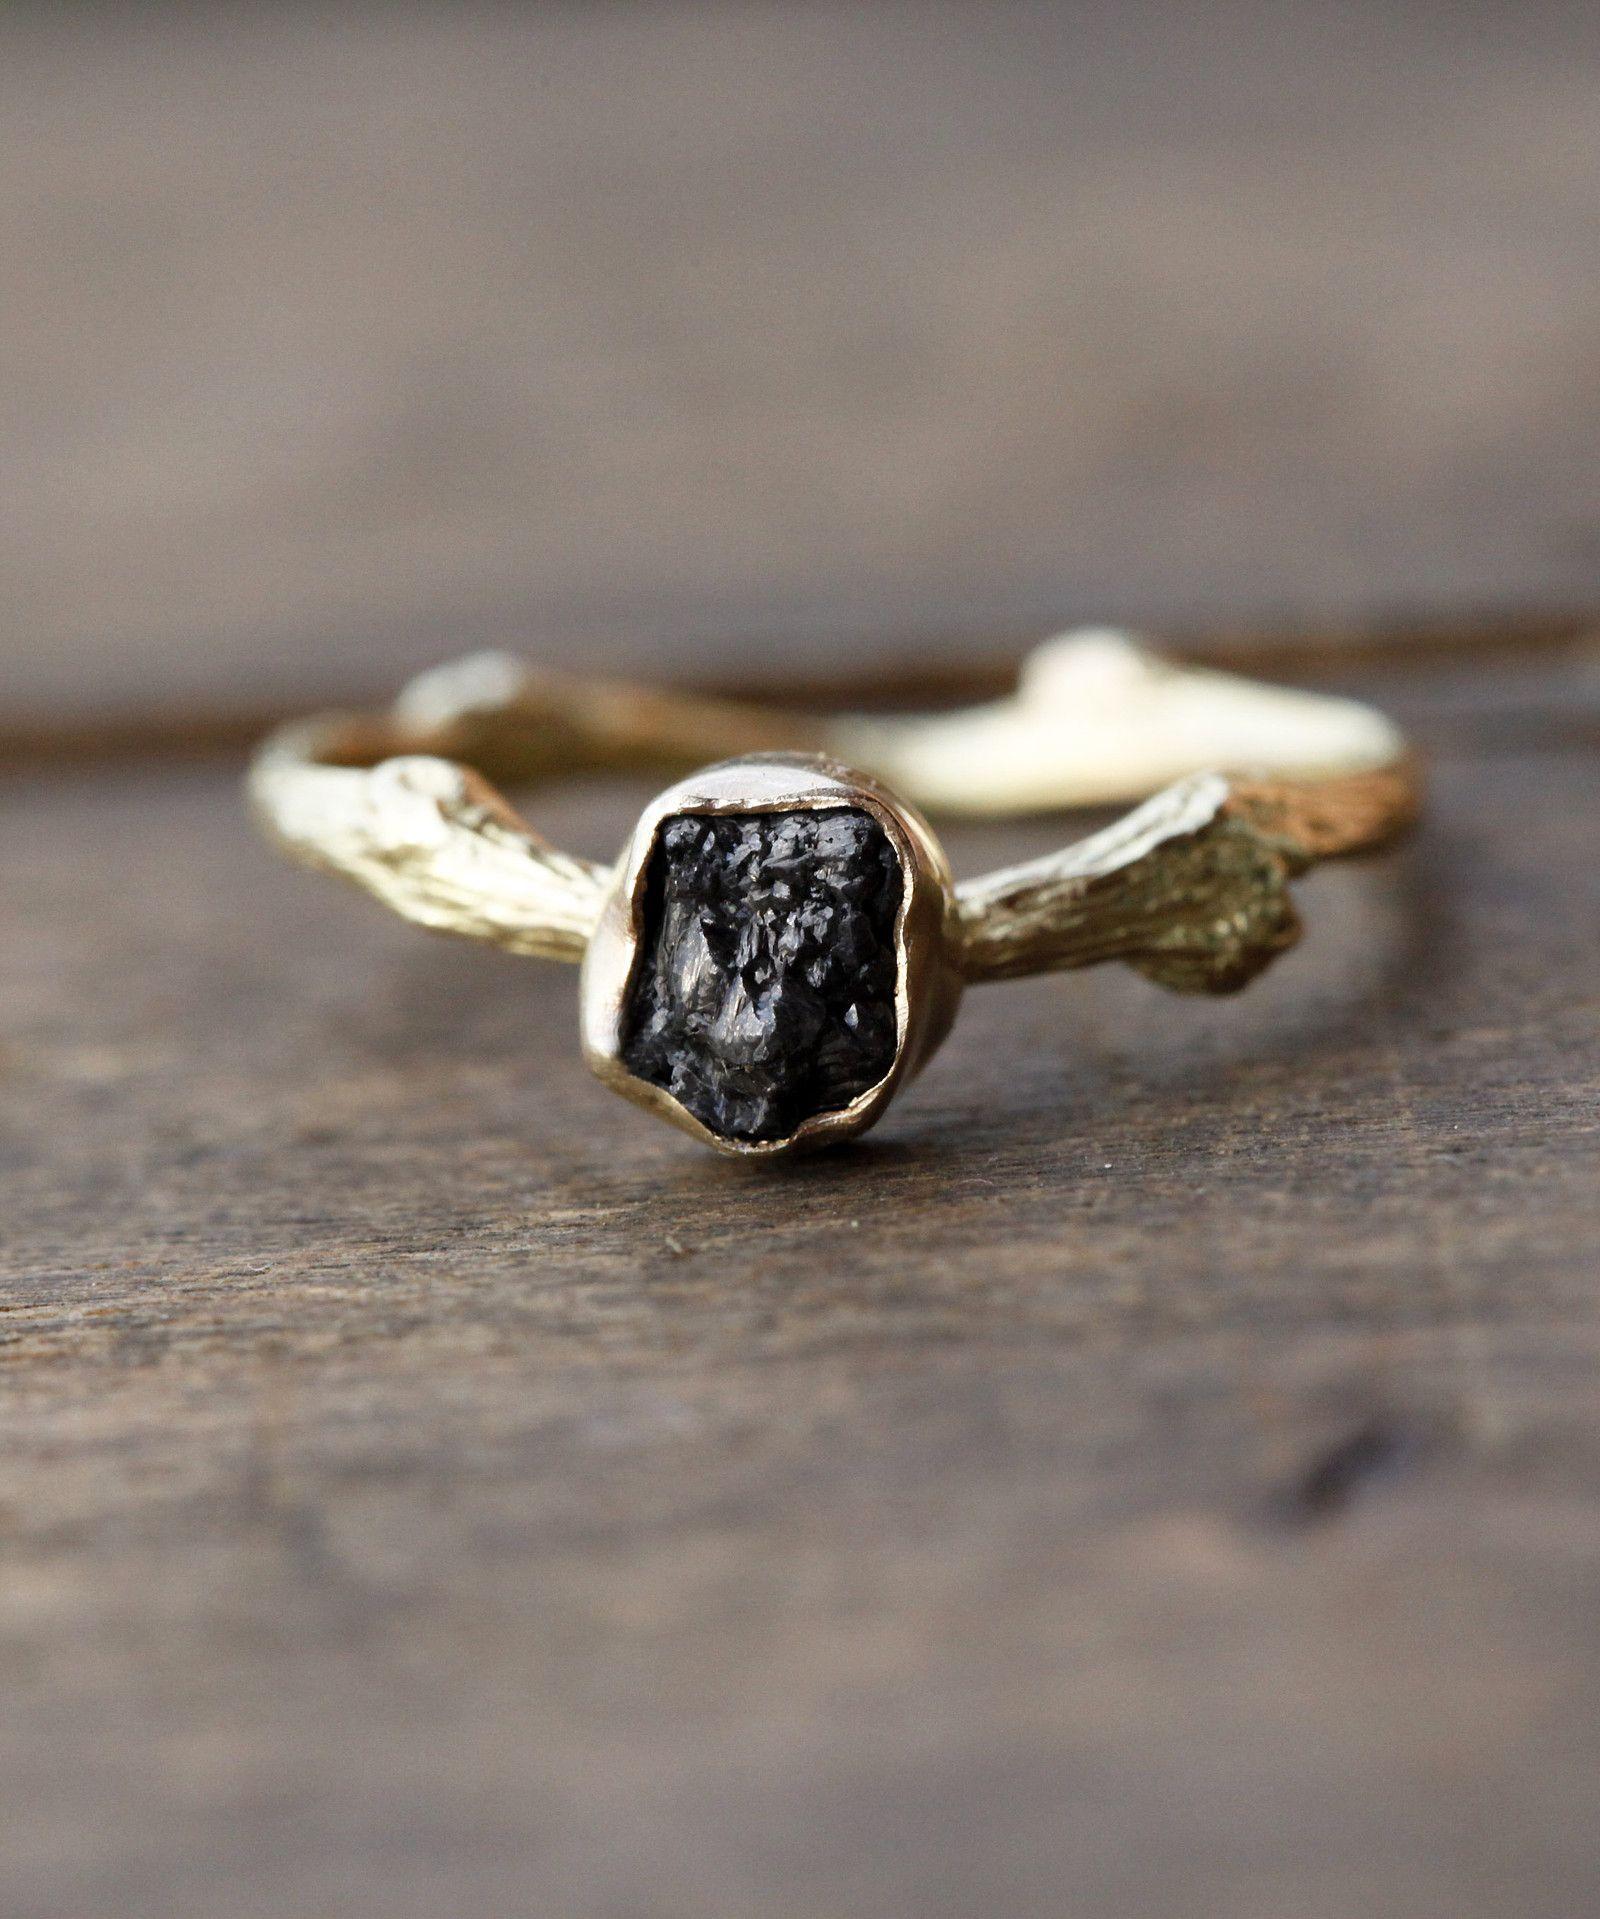 d8eda97f2 Větvičkový+prsten+zlatý+se+surovým+diamantem+Autorský+prsten+ ...